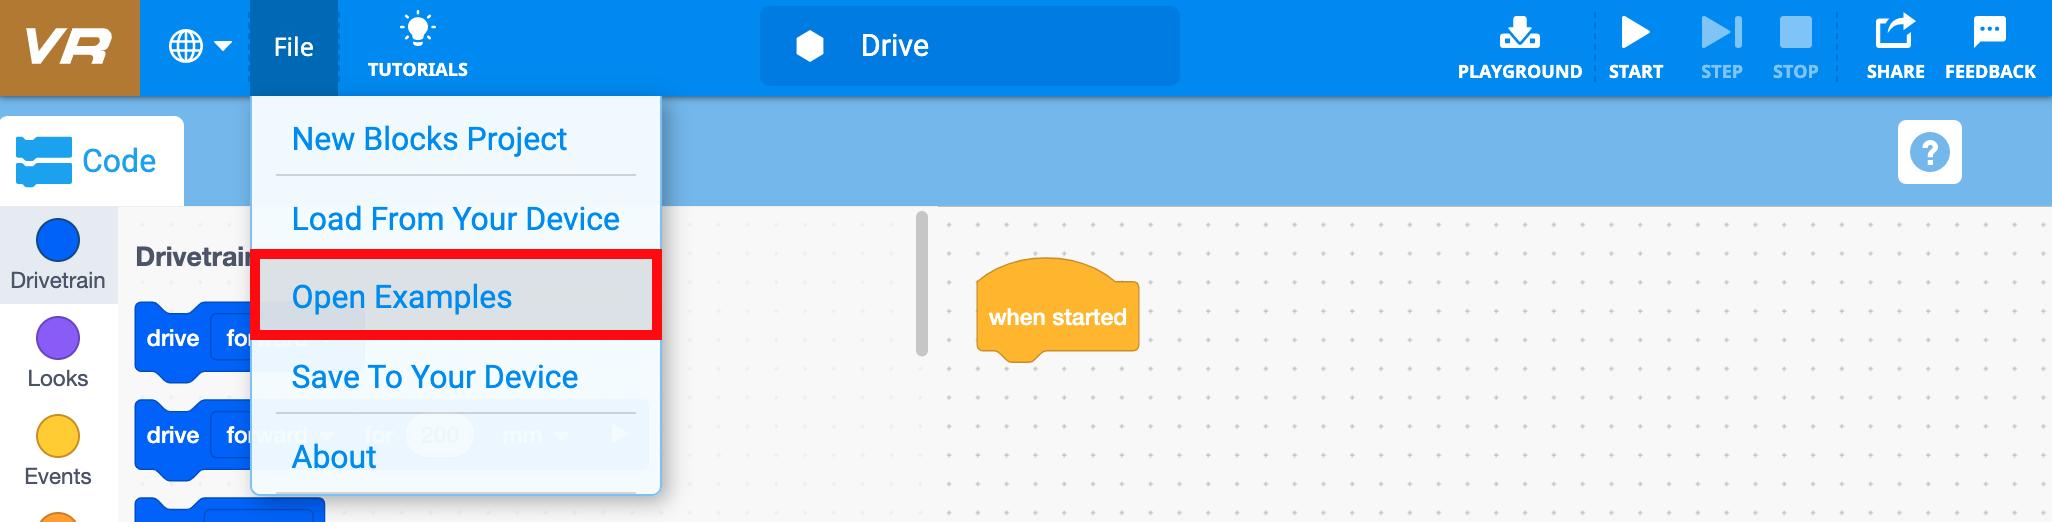 Ejemplos de archivos abiertos